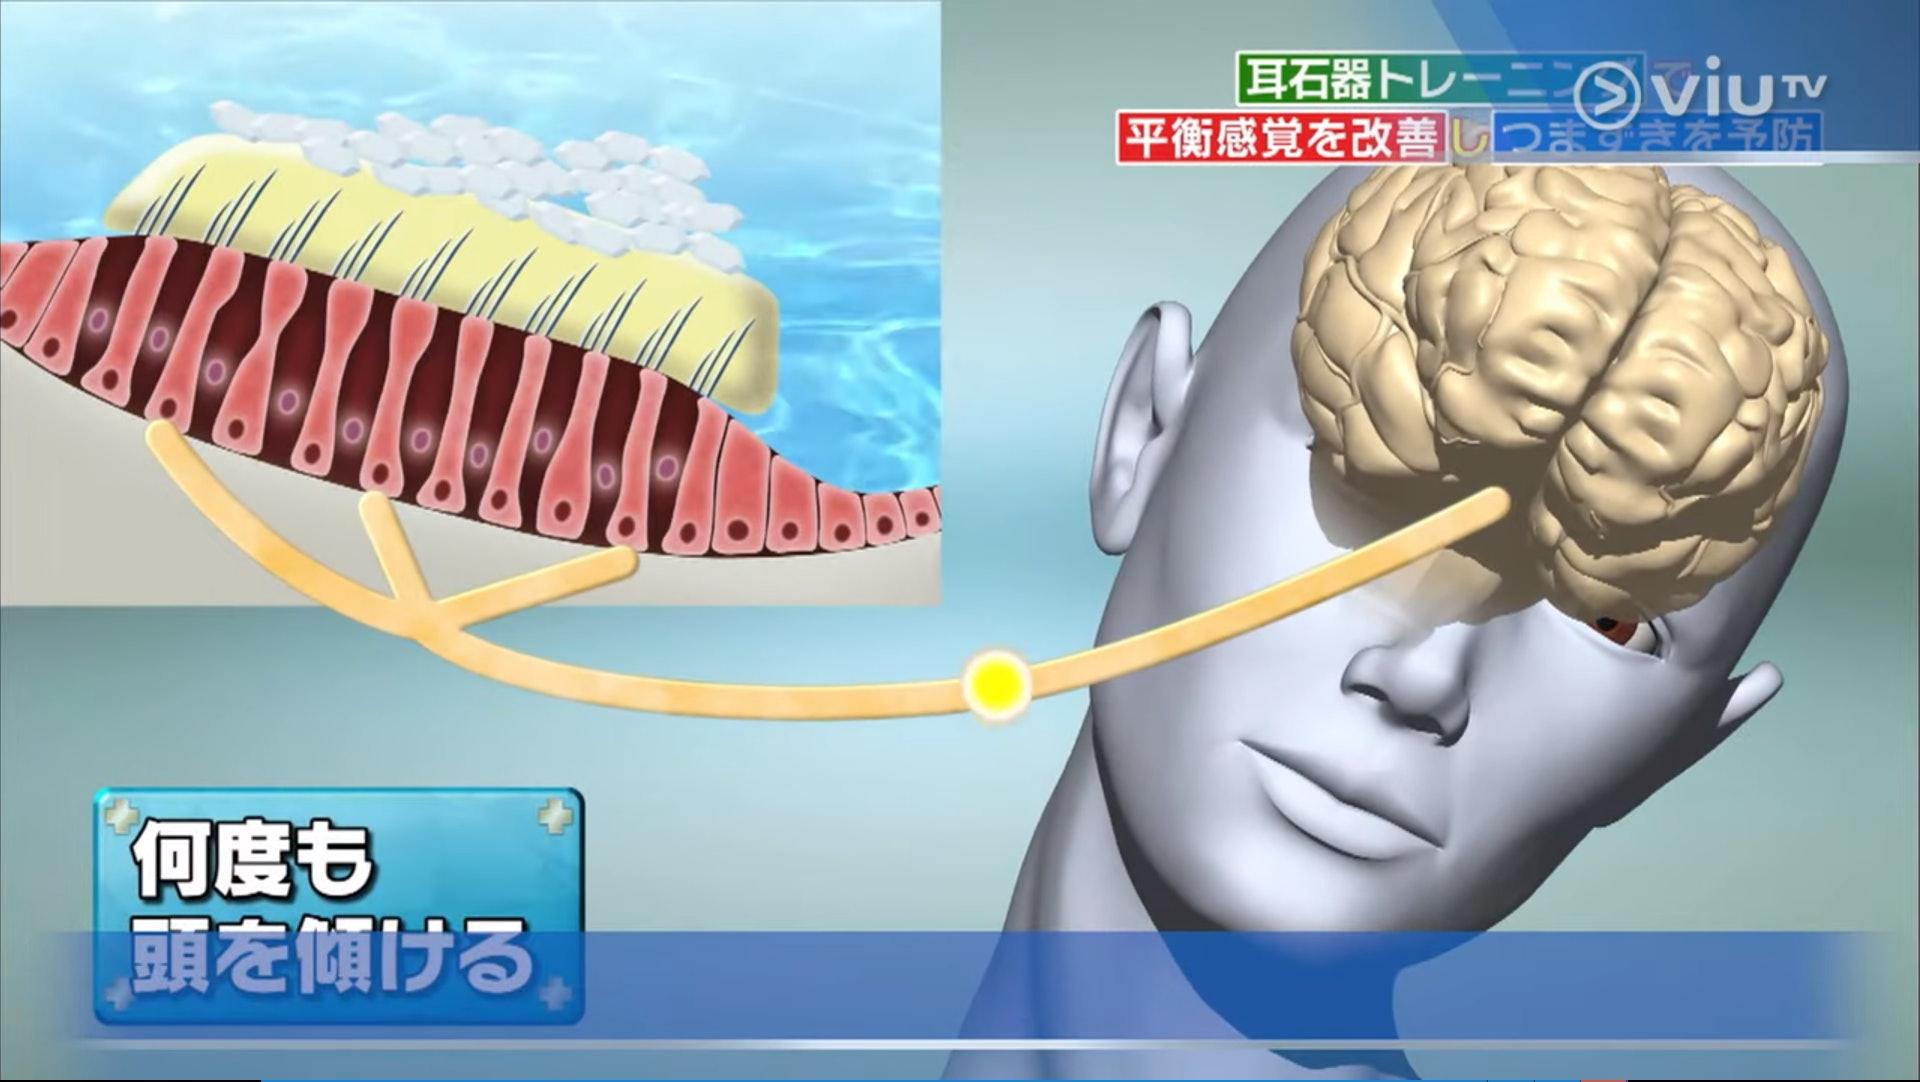 頭打側時,耳石器會感應到身體傾斜,透過神經把訊息傳到腦部,多次重複這個動作可同時刺激耳石器及連接腦部的神經,改善平衝力。(viu TV《恐怖醫學》影片截圖)